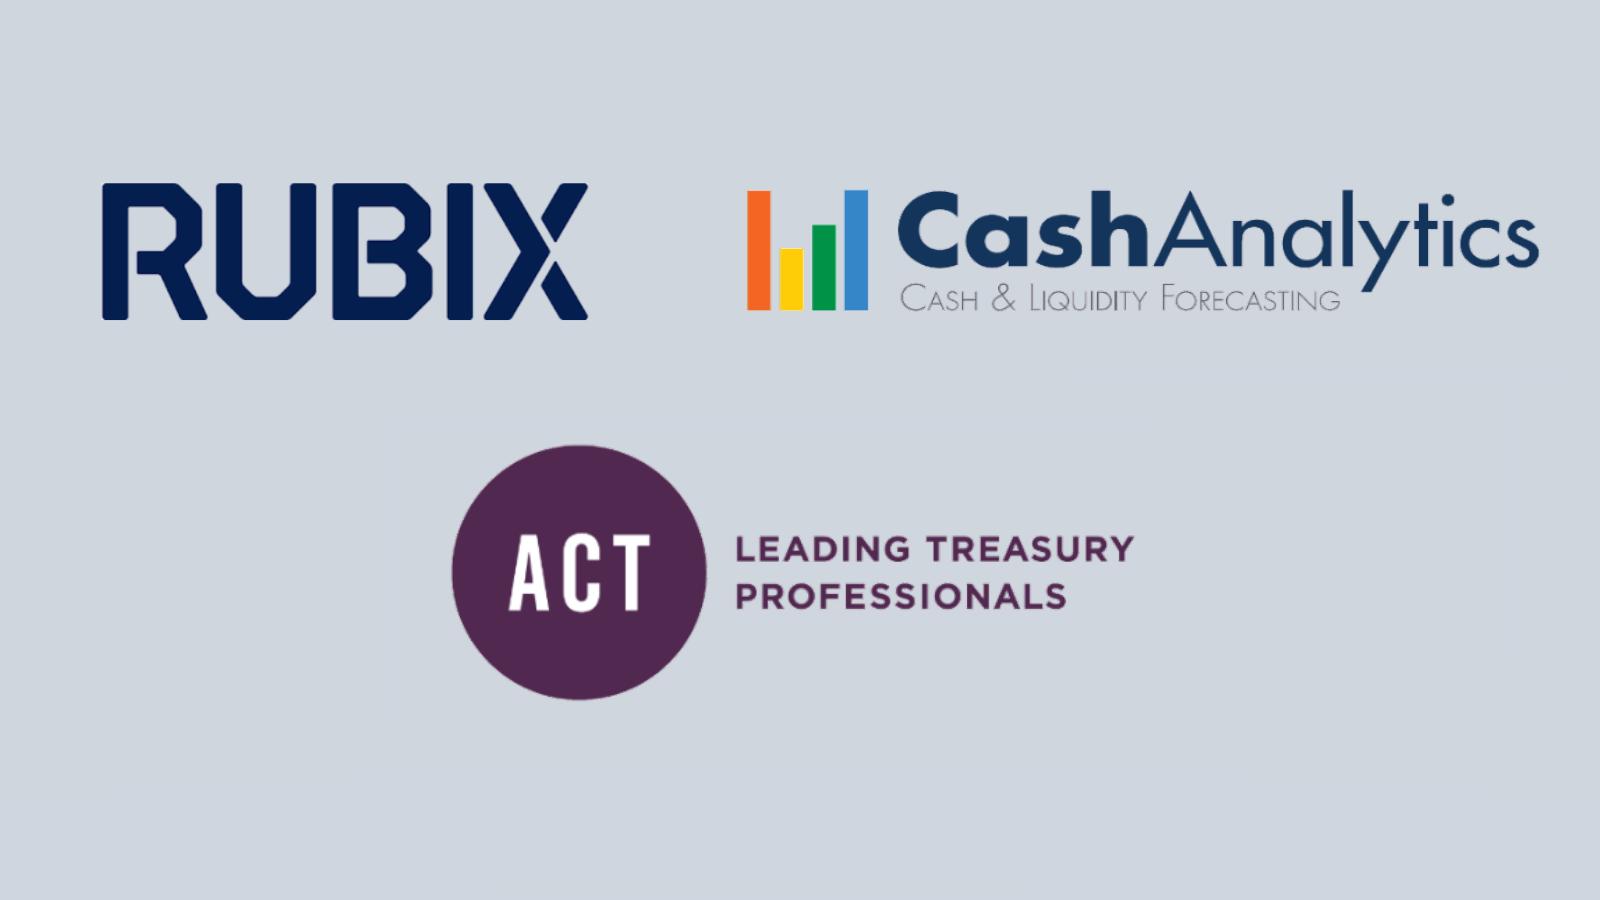 CashAnalytics corporate case study - RUBIX